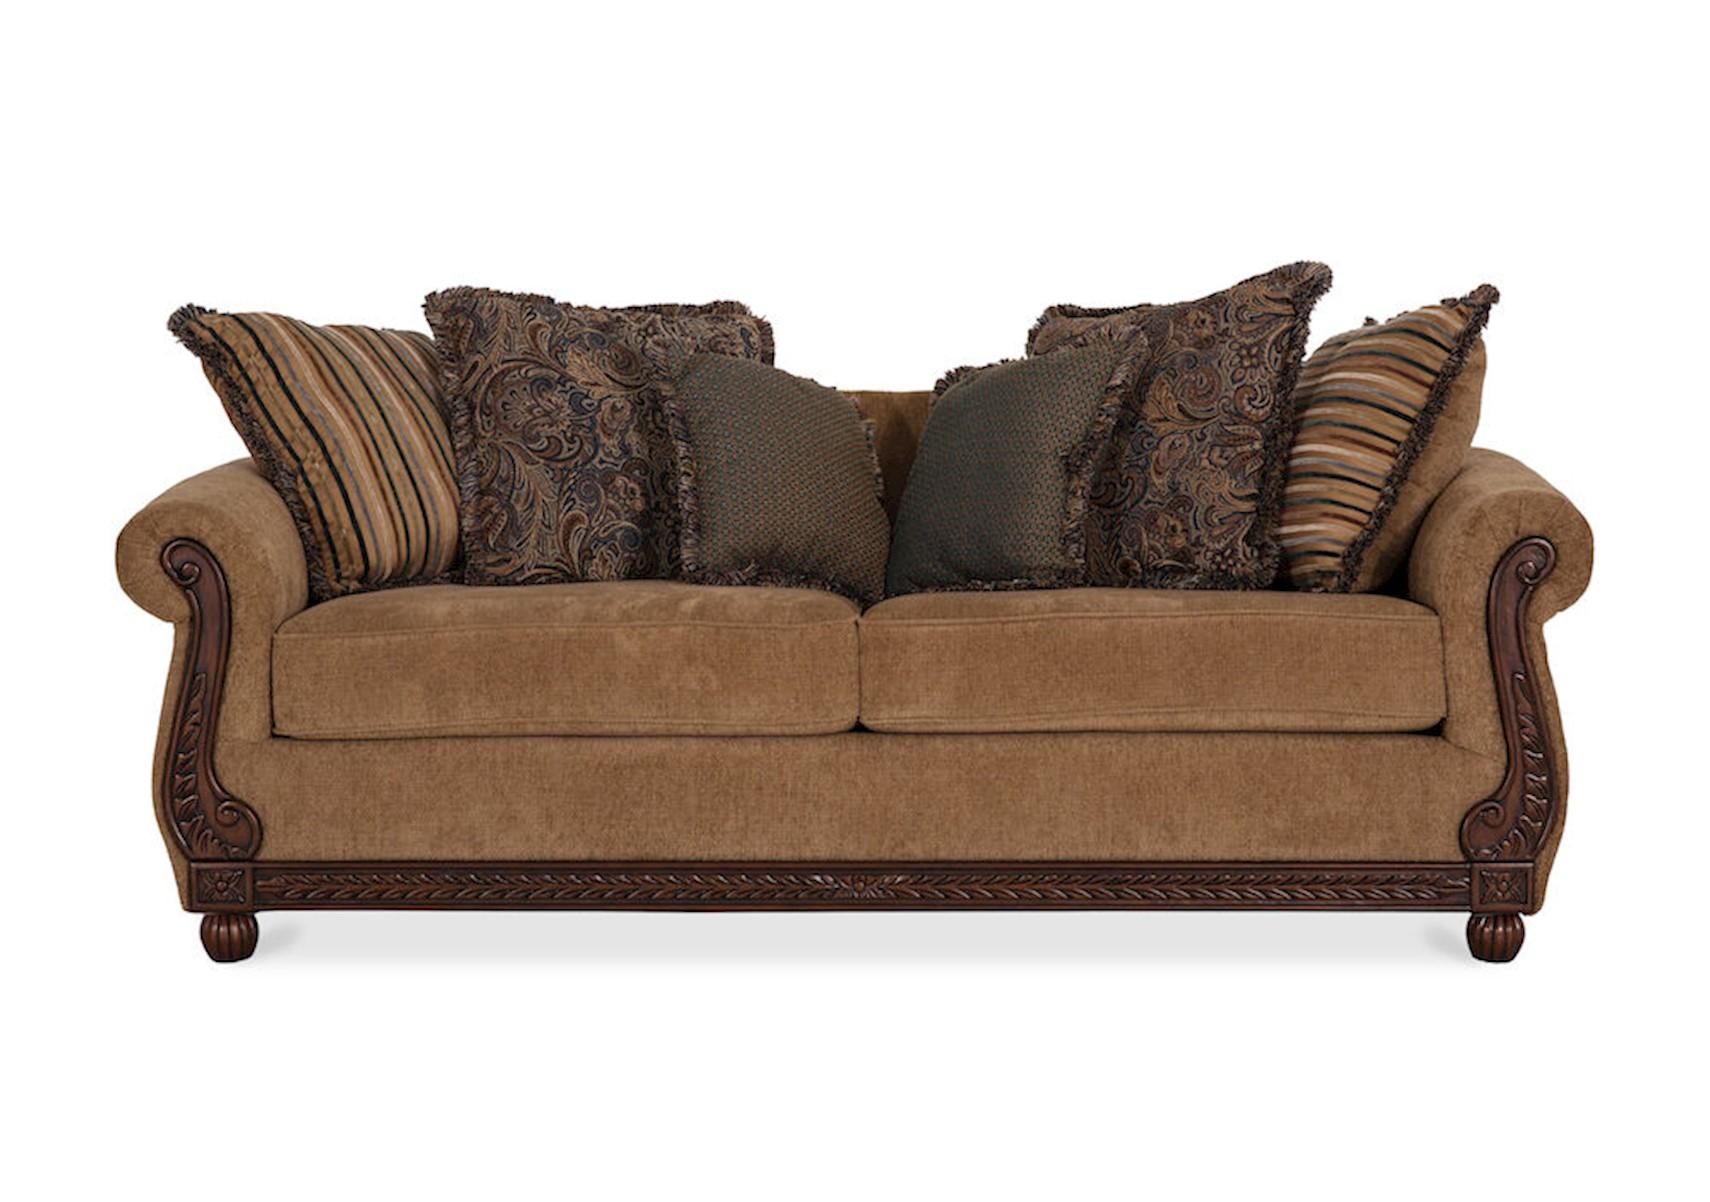 Outback Sofa